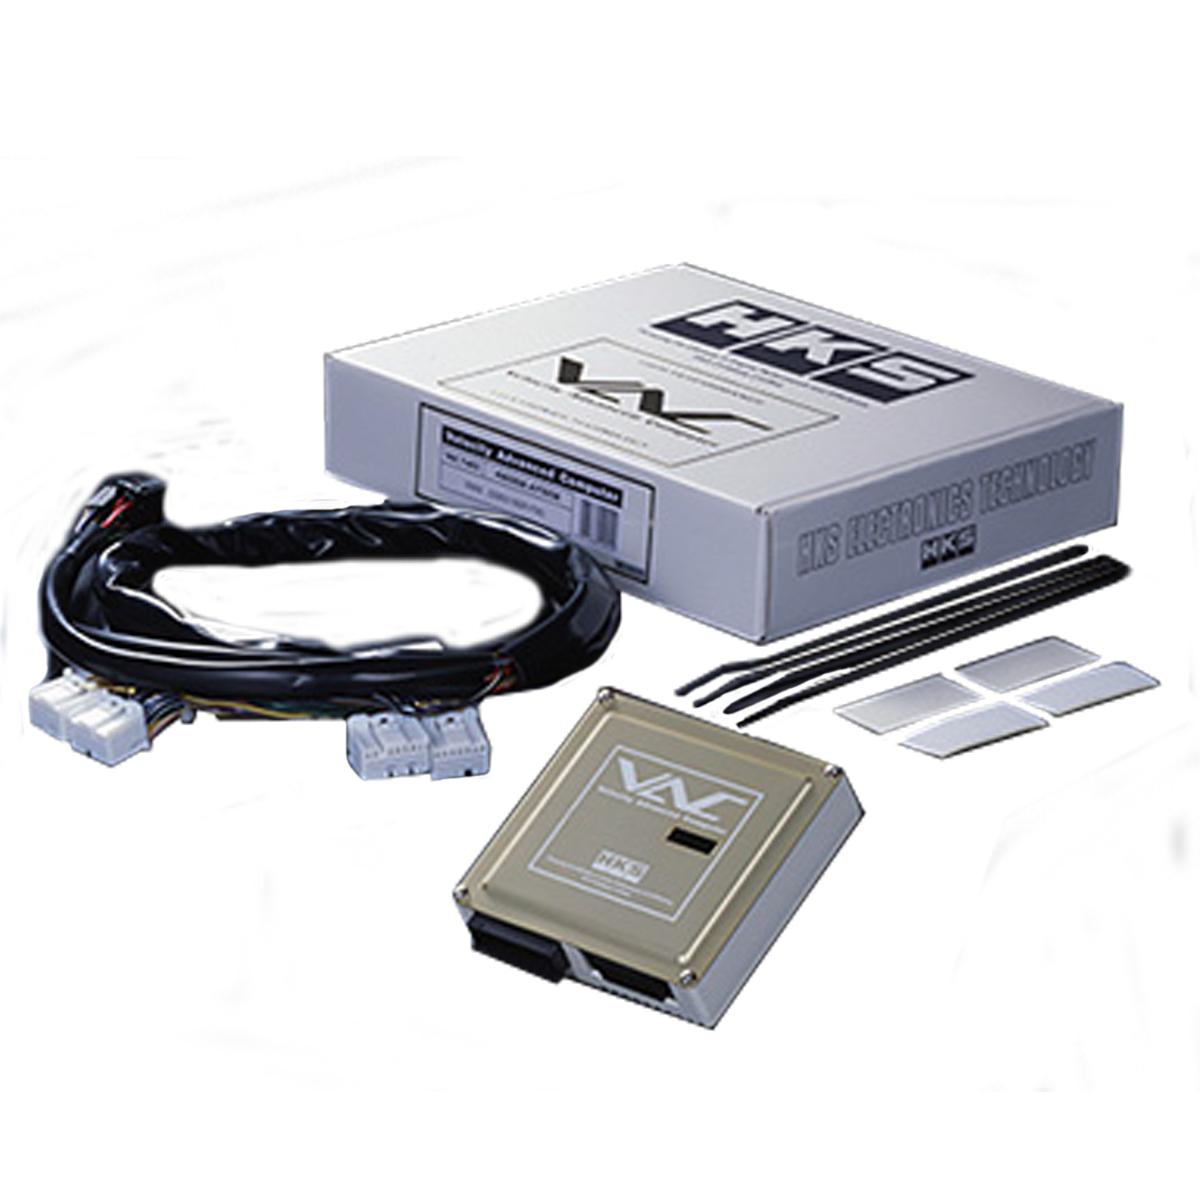 クラウン スピードリミッターカット VAC ヴェロシティー アドバンスド コンピューター GRS182 HKS 45002-AT004 エレクトリニクス 個人宅発送追金有